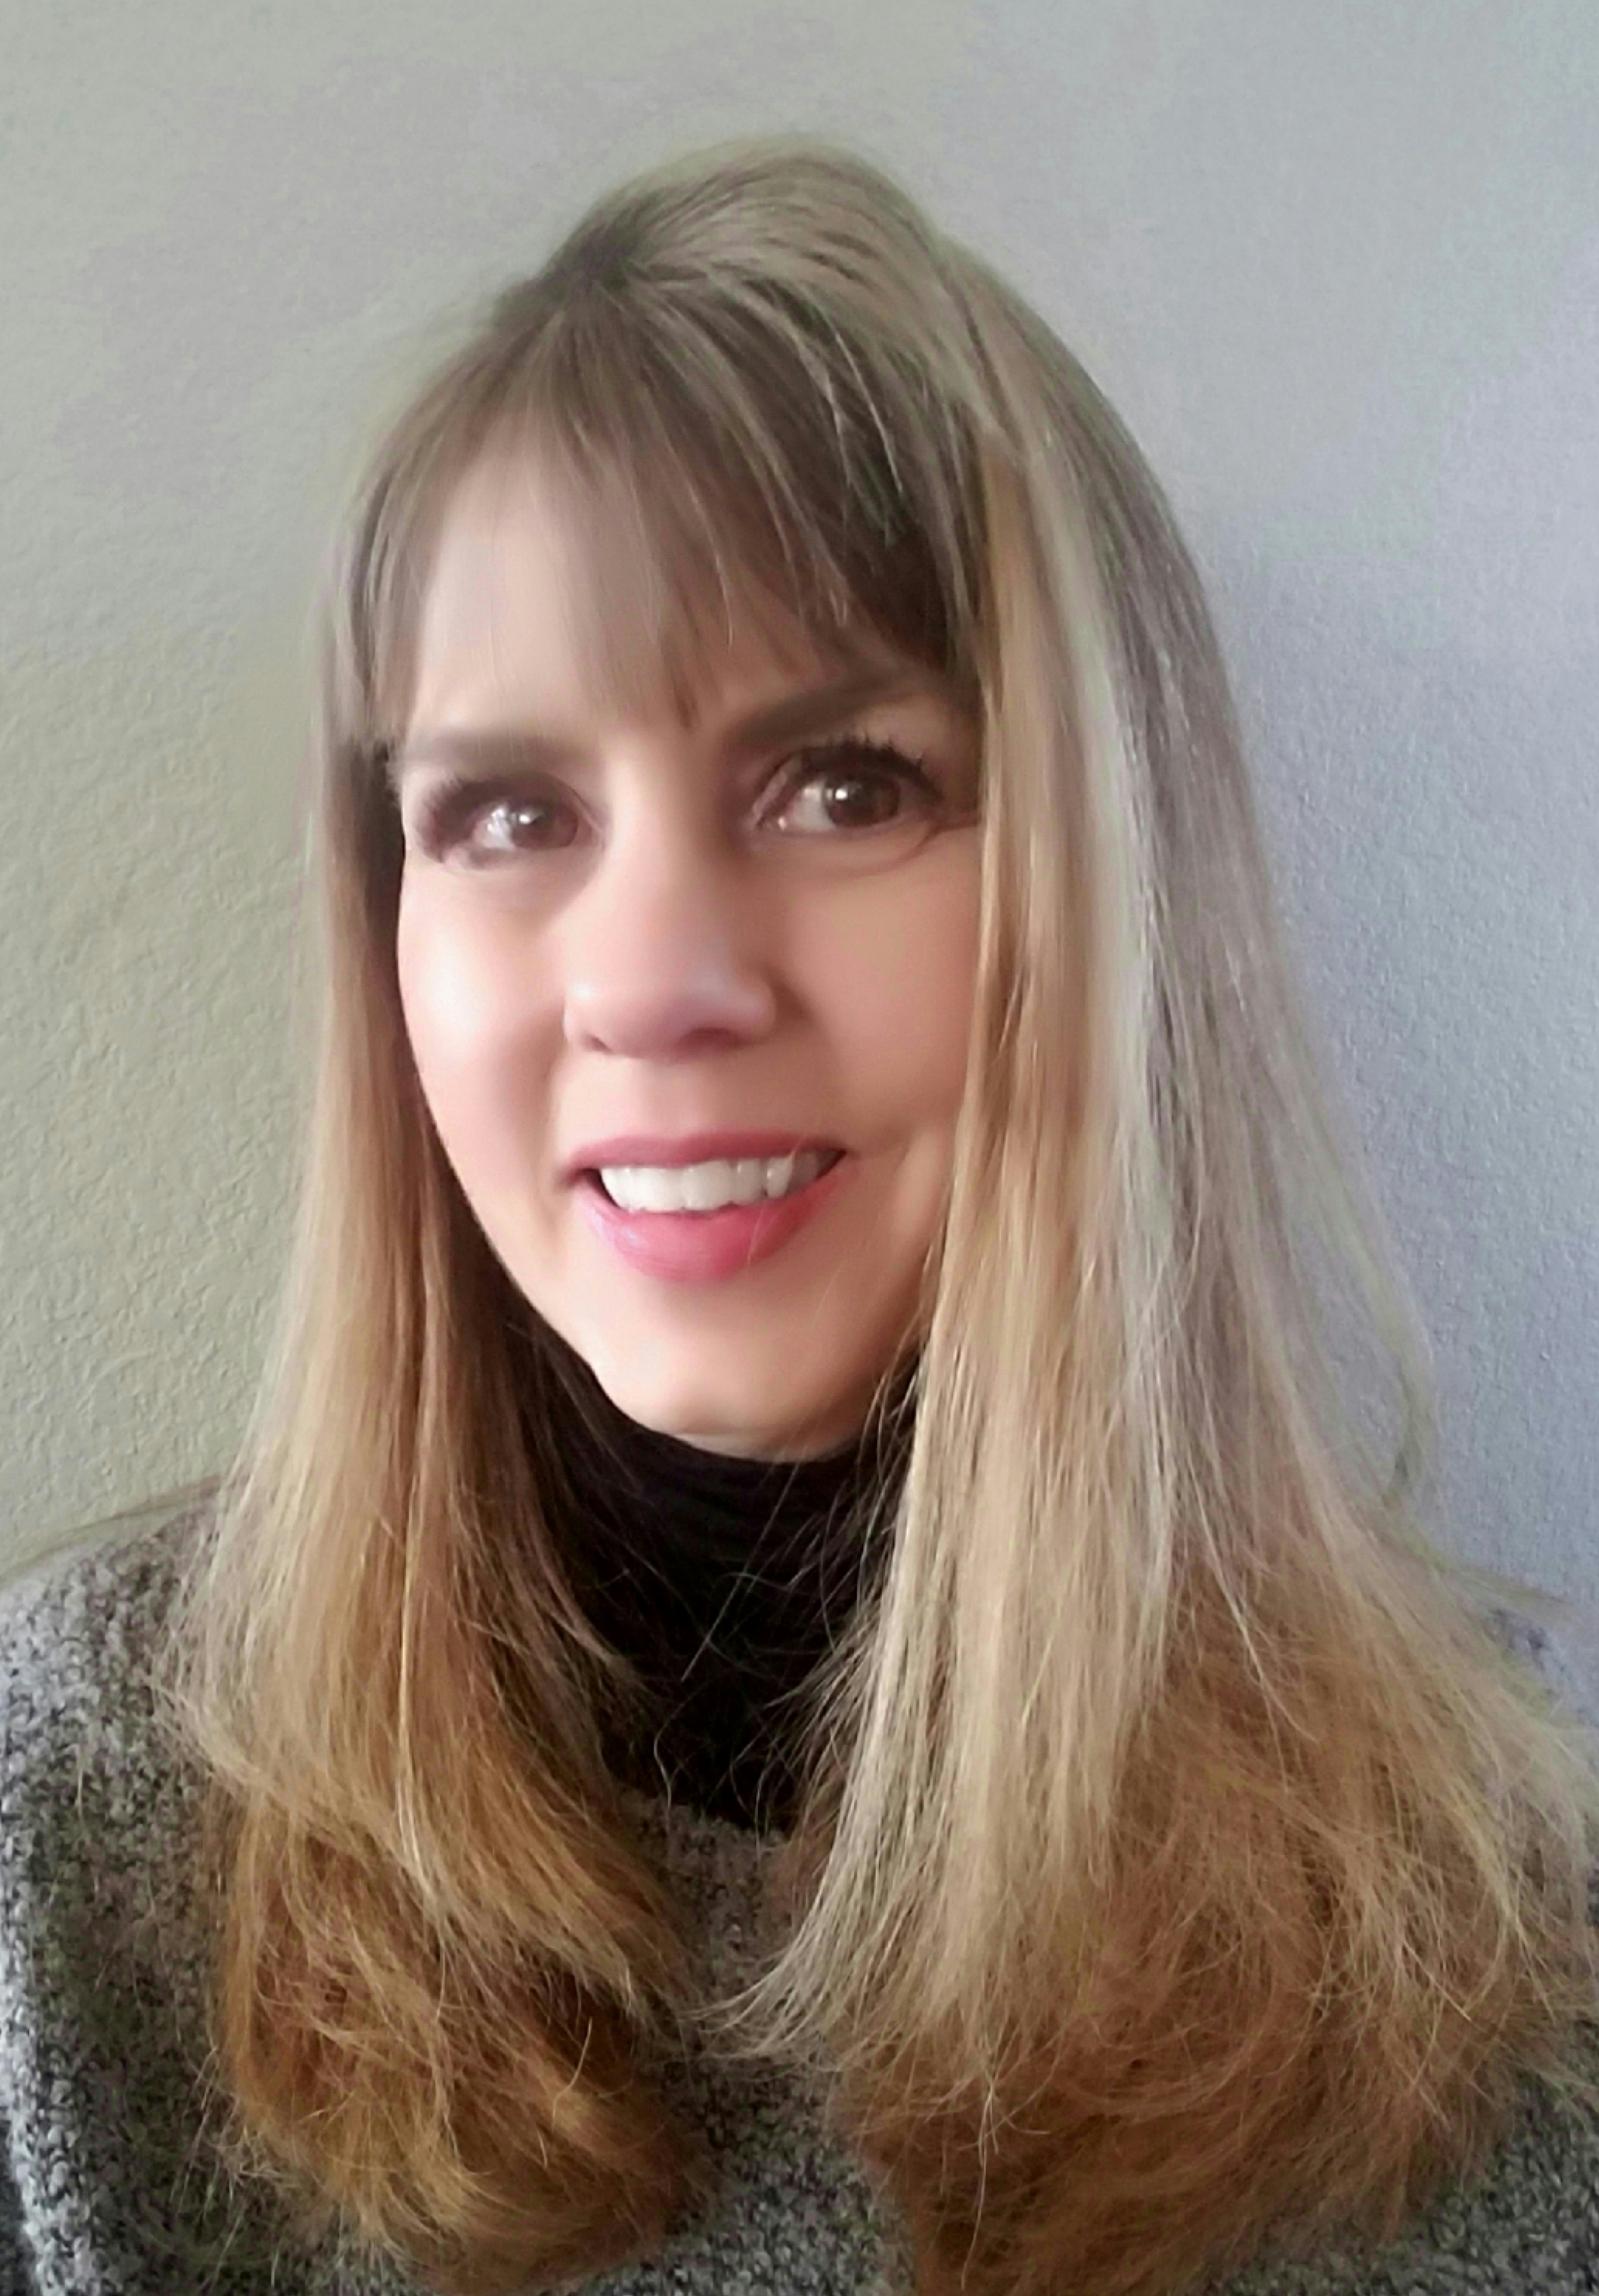 Full Name: Debra Honegger